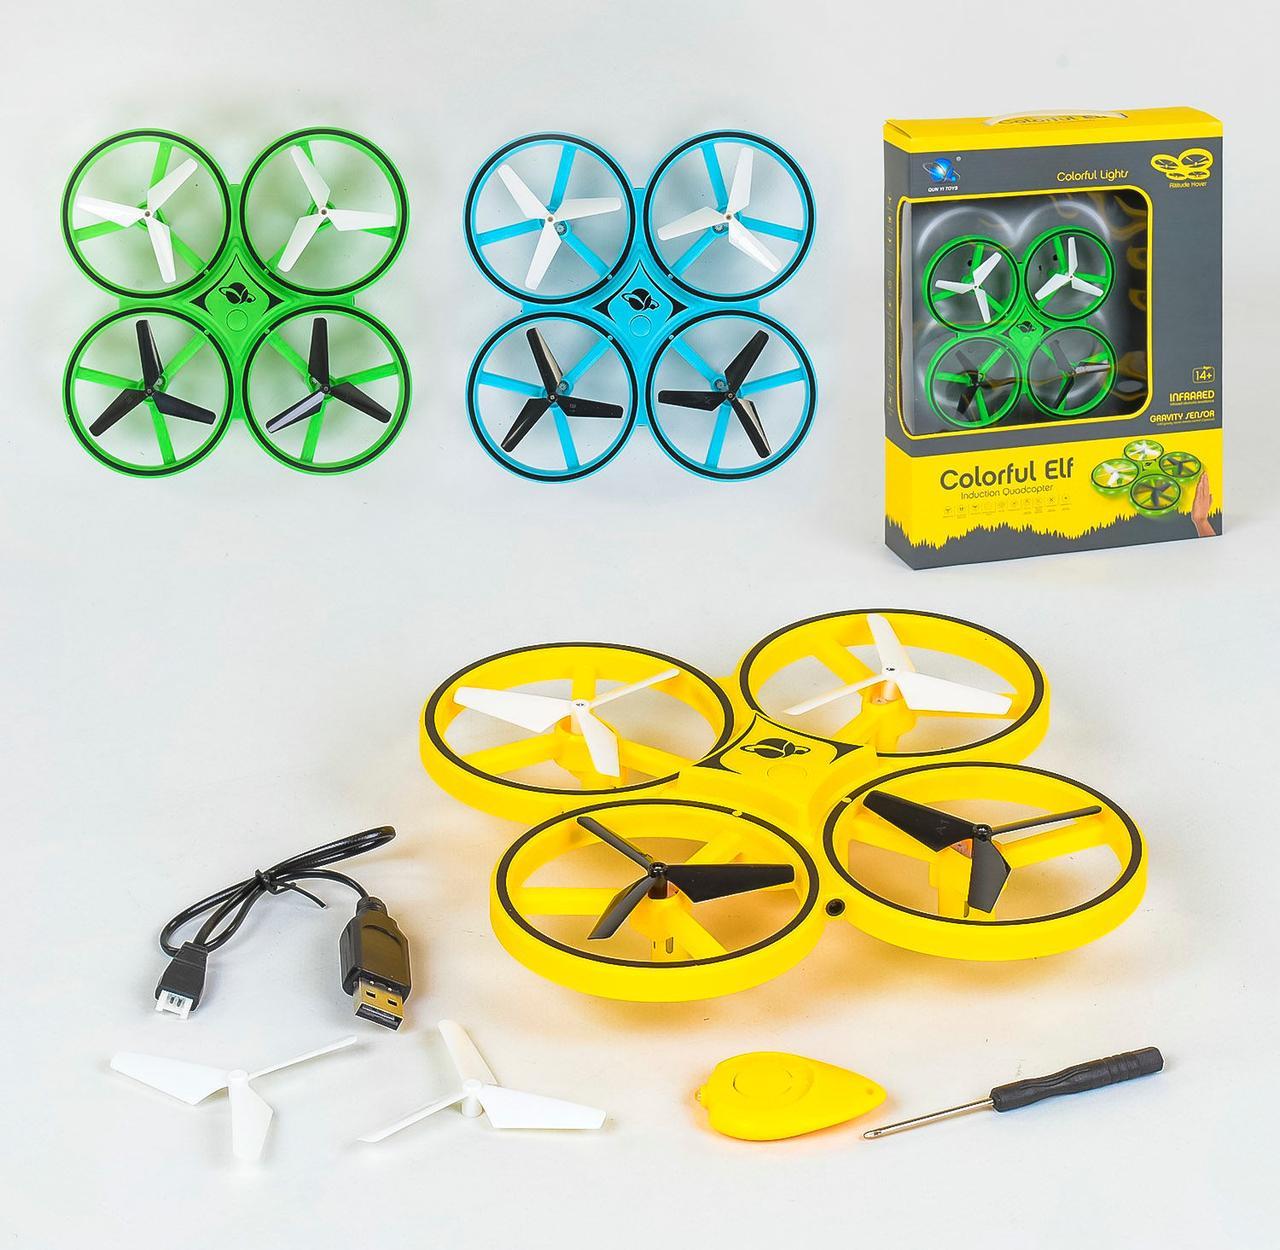 Квадрокоптер QY 66 - Х 010 А Сенсорное управление LED-подсветка, 3.7V,